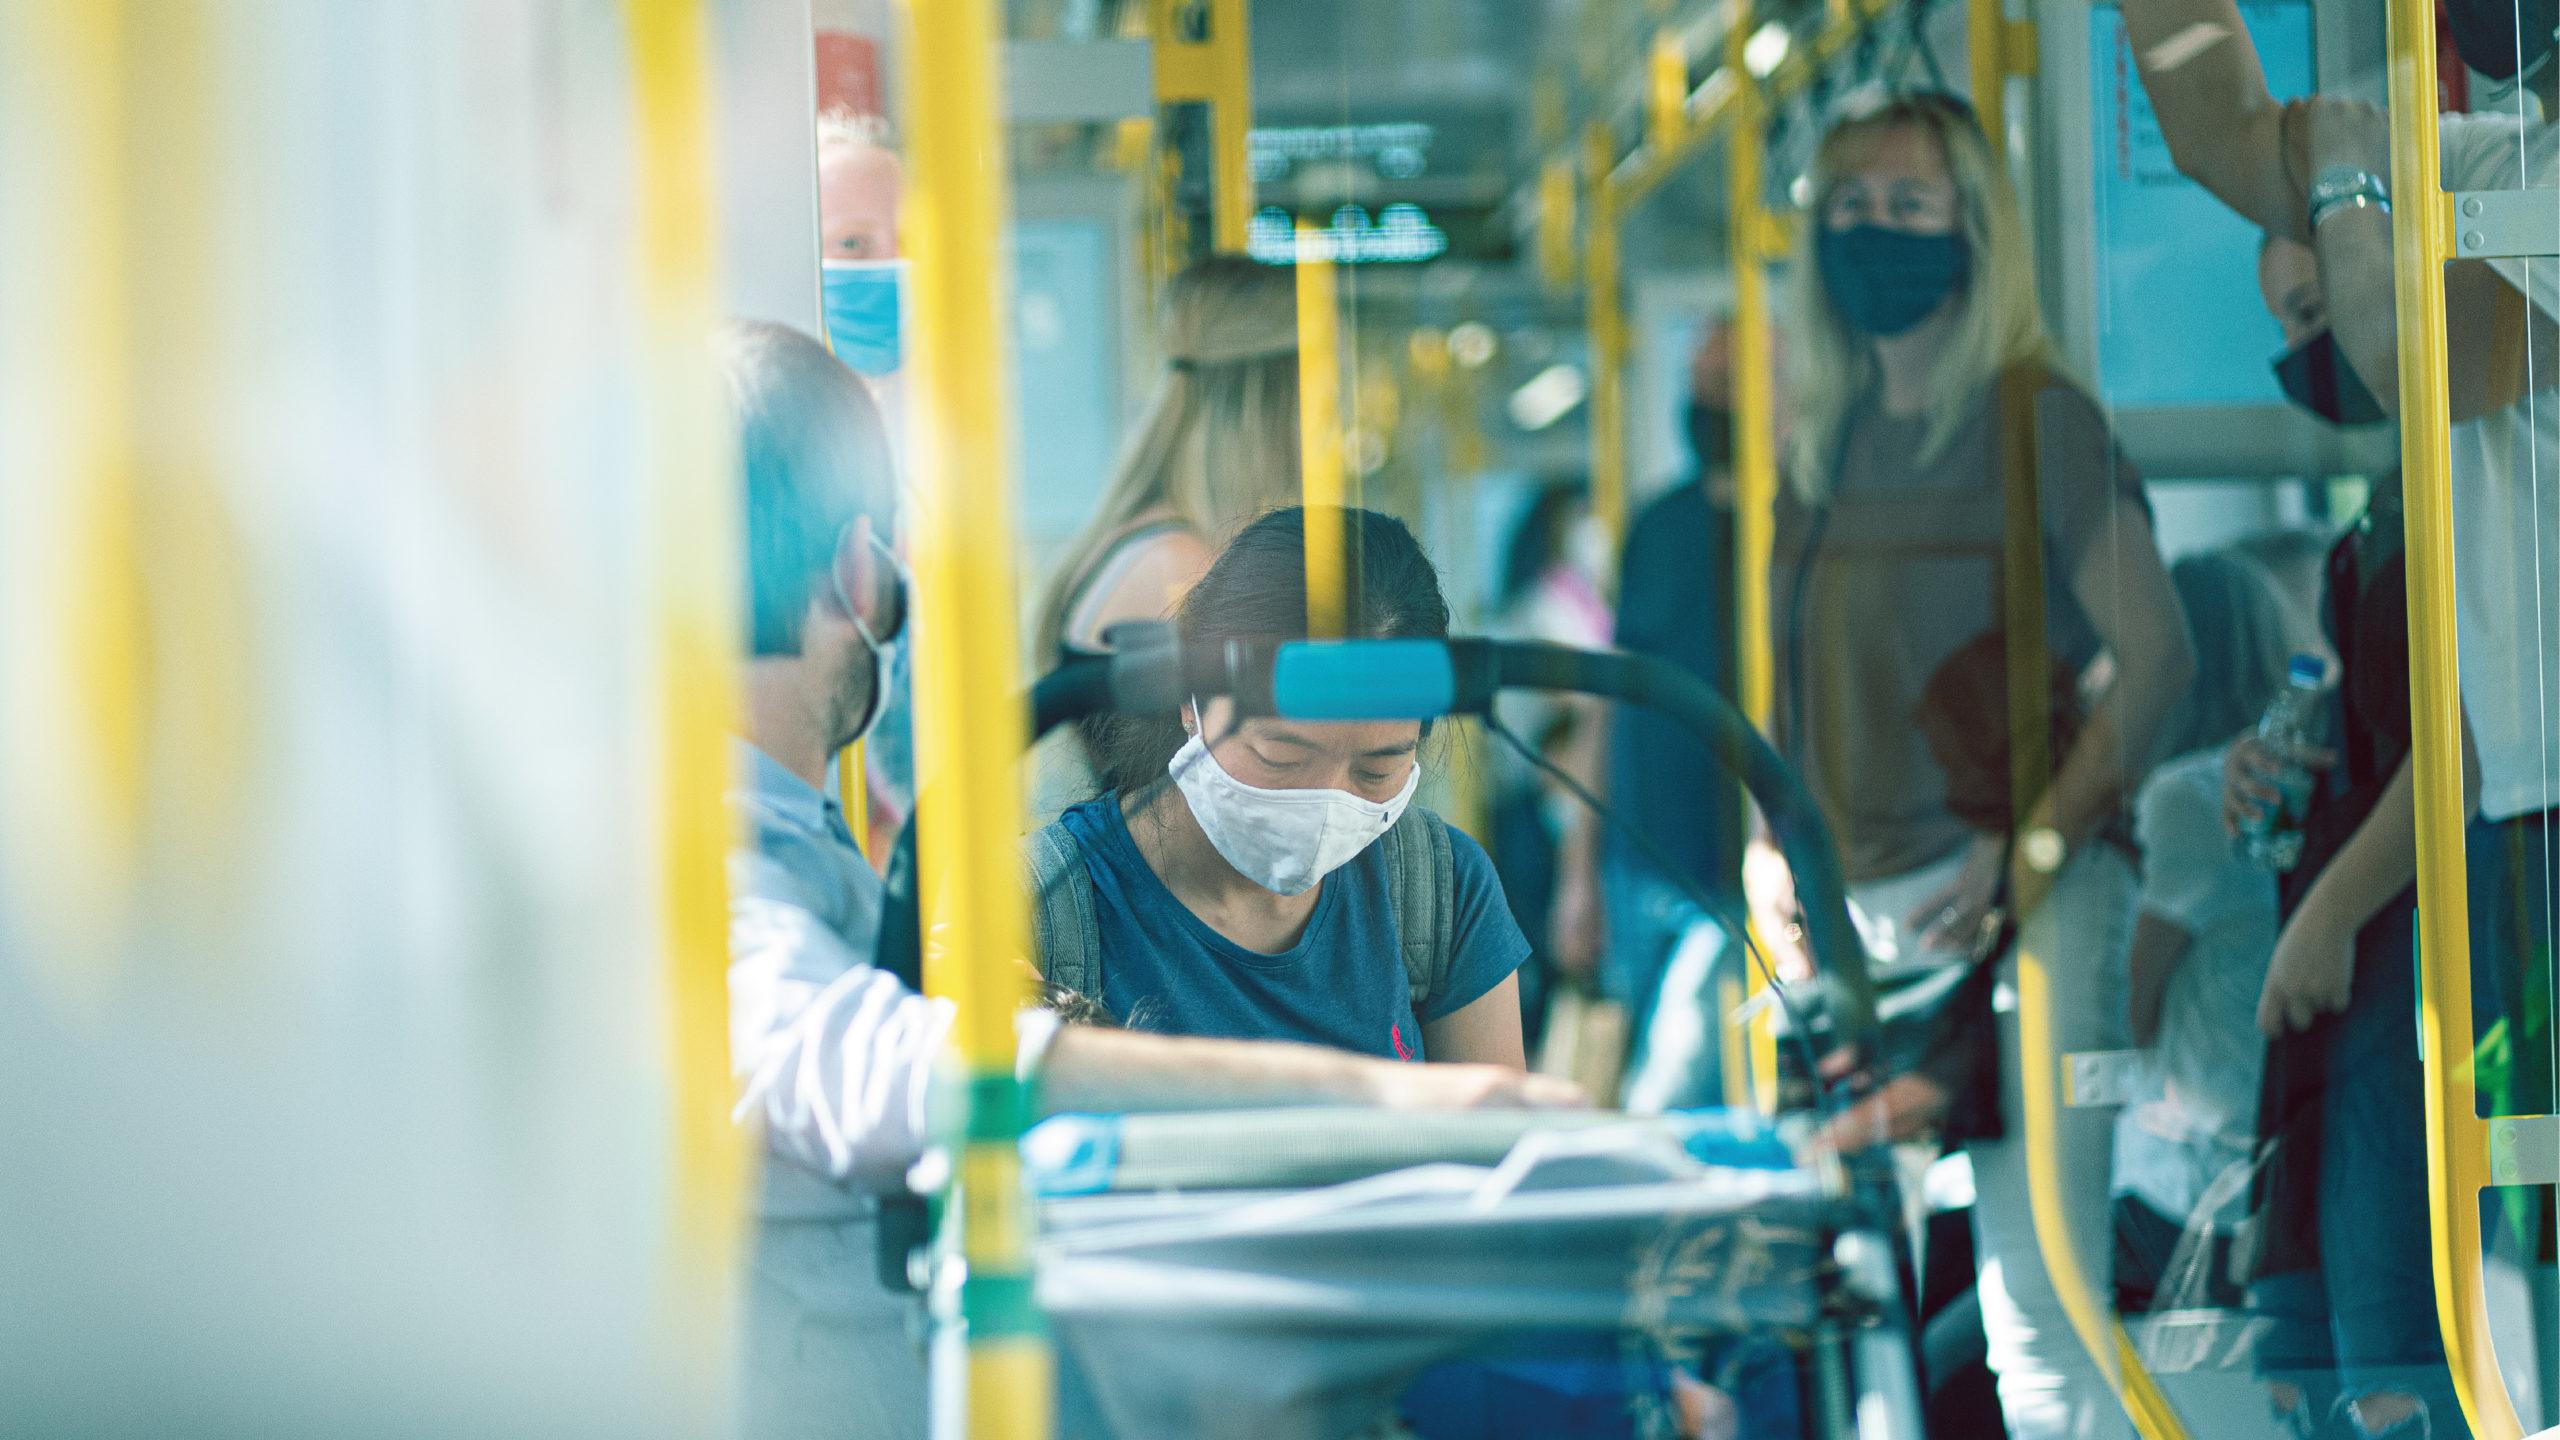 La salud y calidad de vida de personas con autismo, afectadas por la pandemia